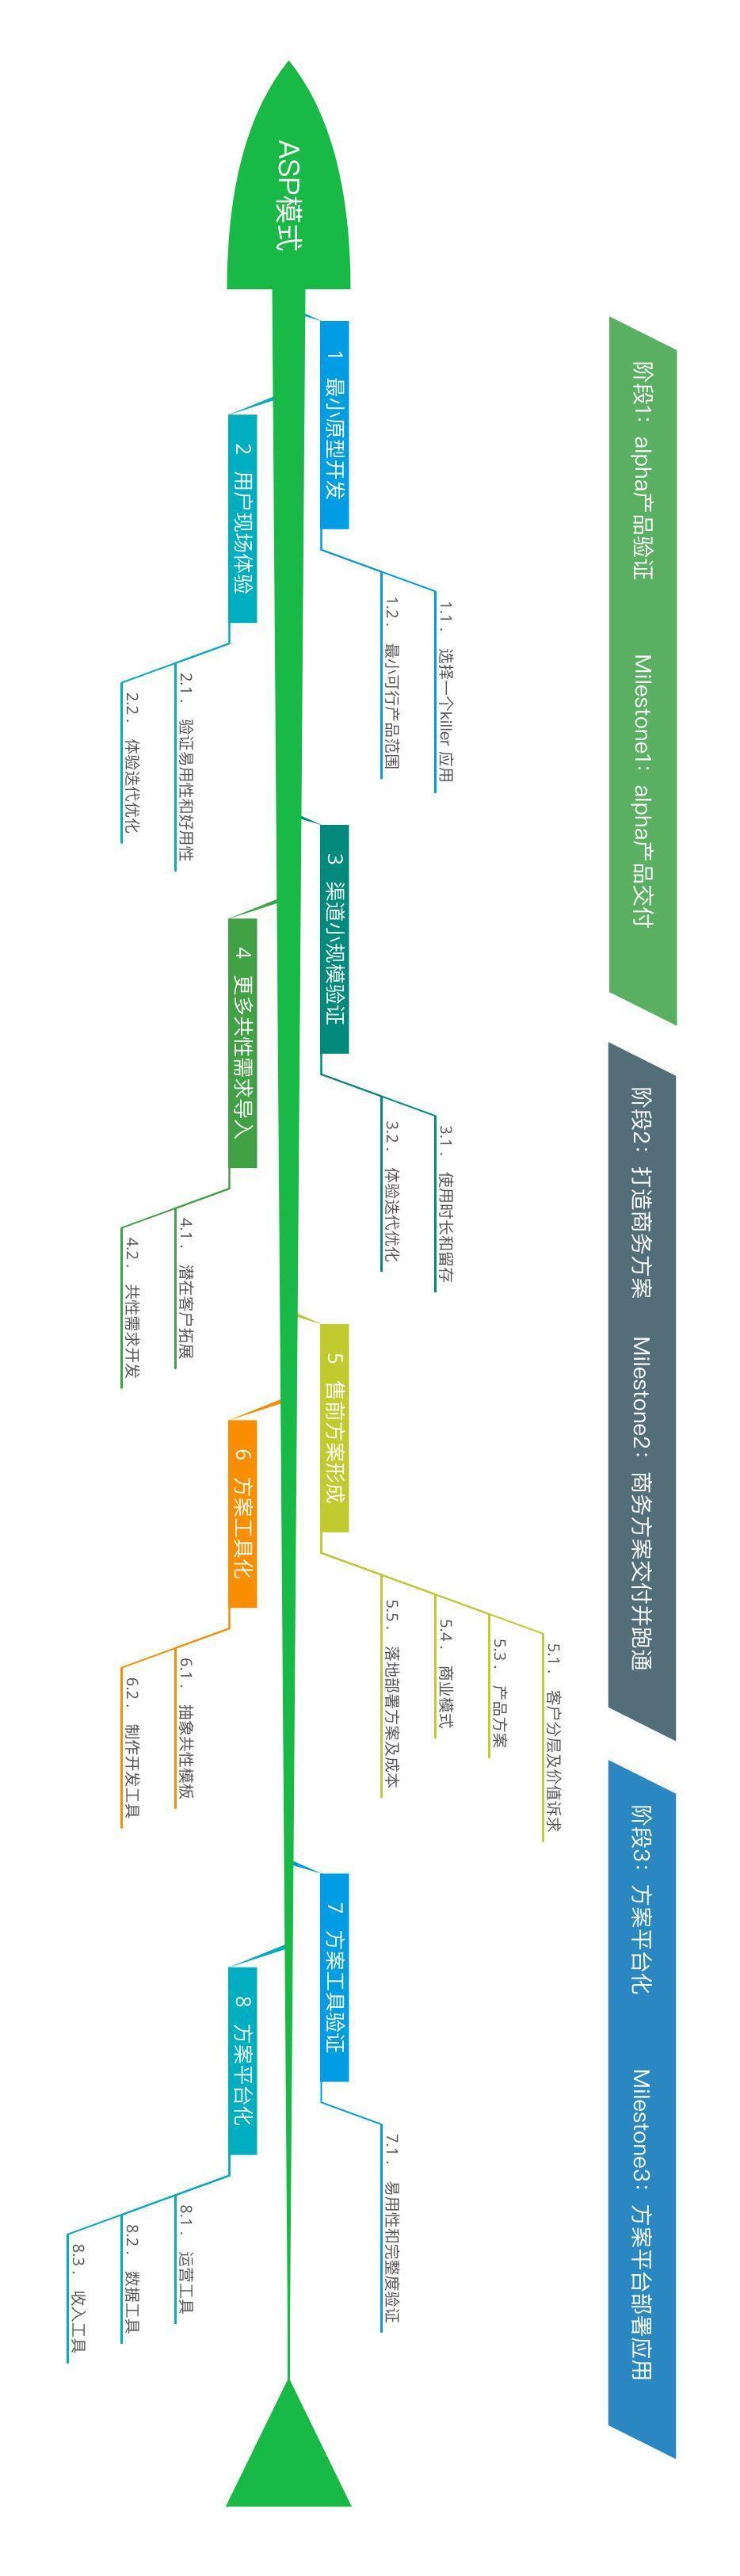 ASP模型:产品经理如何验证并开拓AI新业务方向?